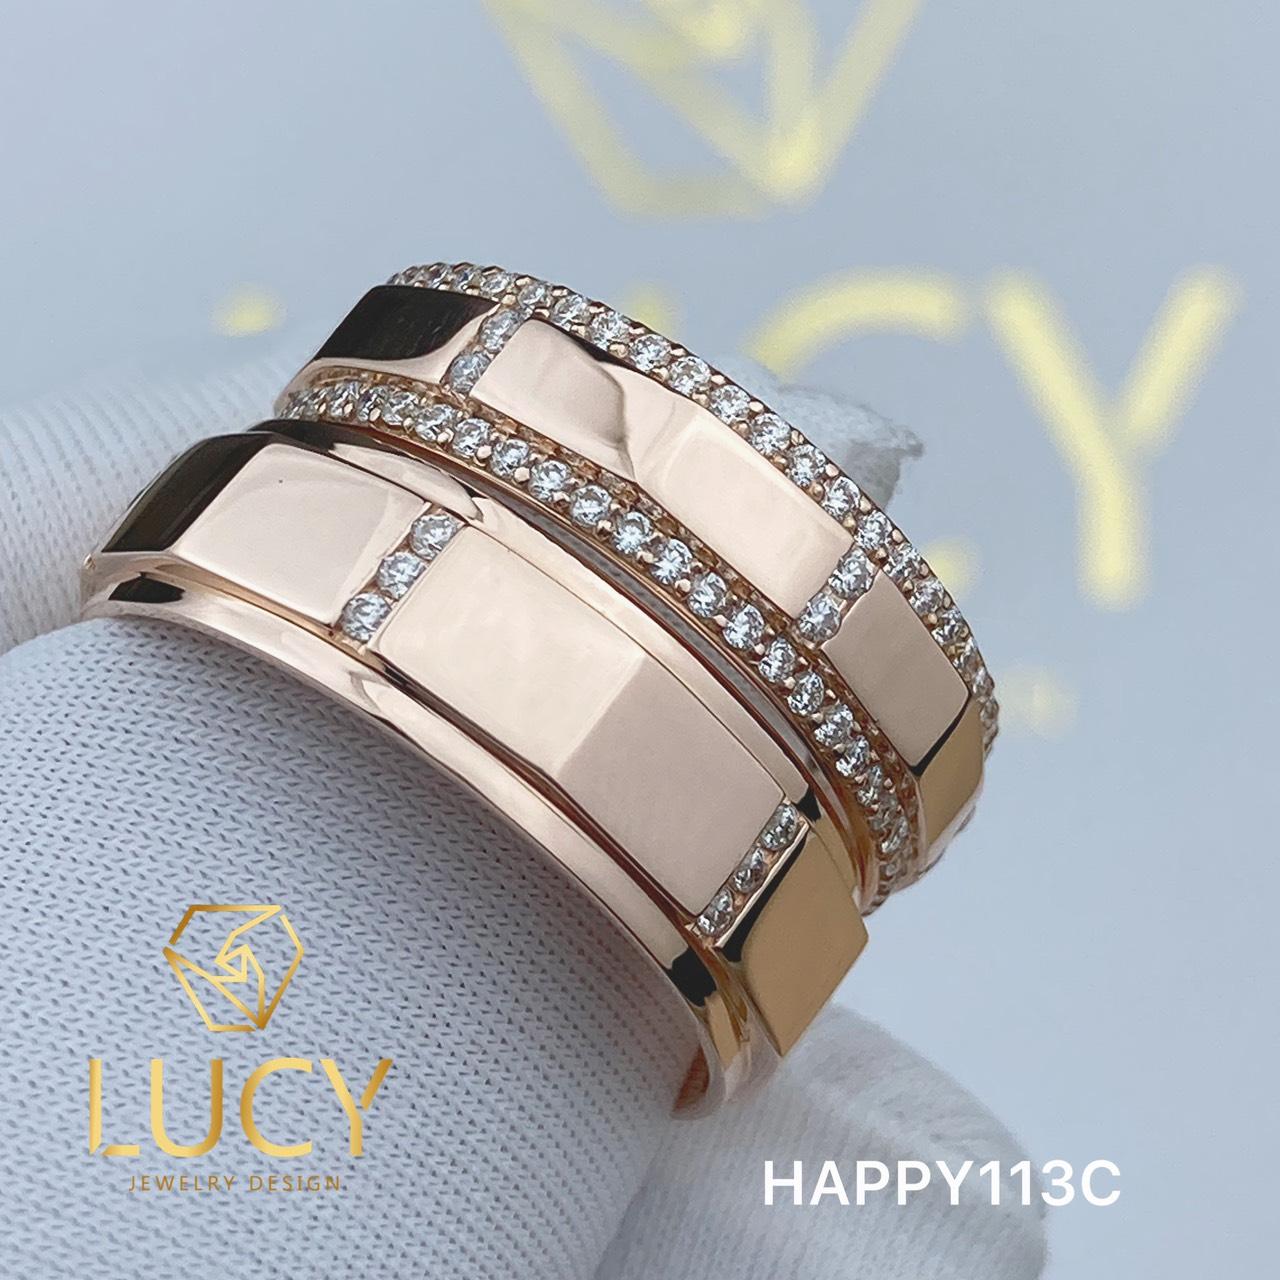 HAPPY113C Nhẫn cưới đẹp vàng tây, vàng trắng, vàng hồng 10k 14k 18k, Bạch Kim Platinum PT900 đính CZ, Moissanite, Kim cương - Lucy Jewelry